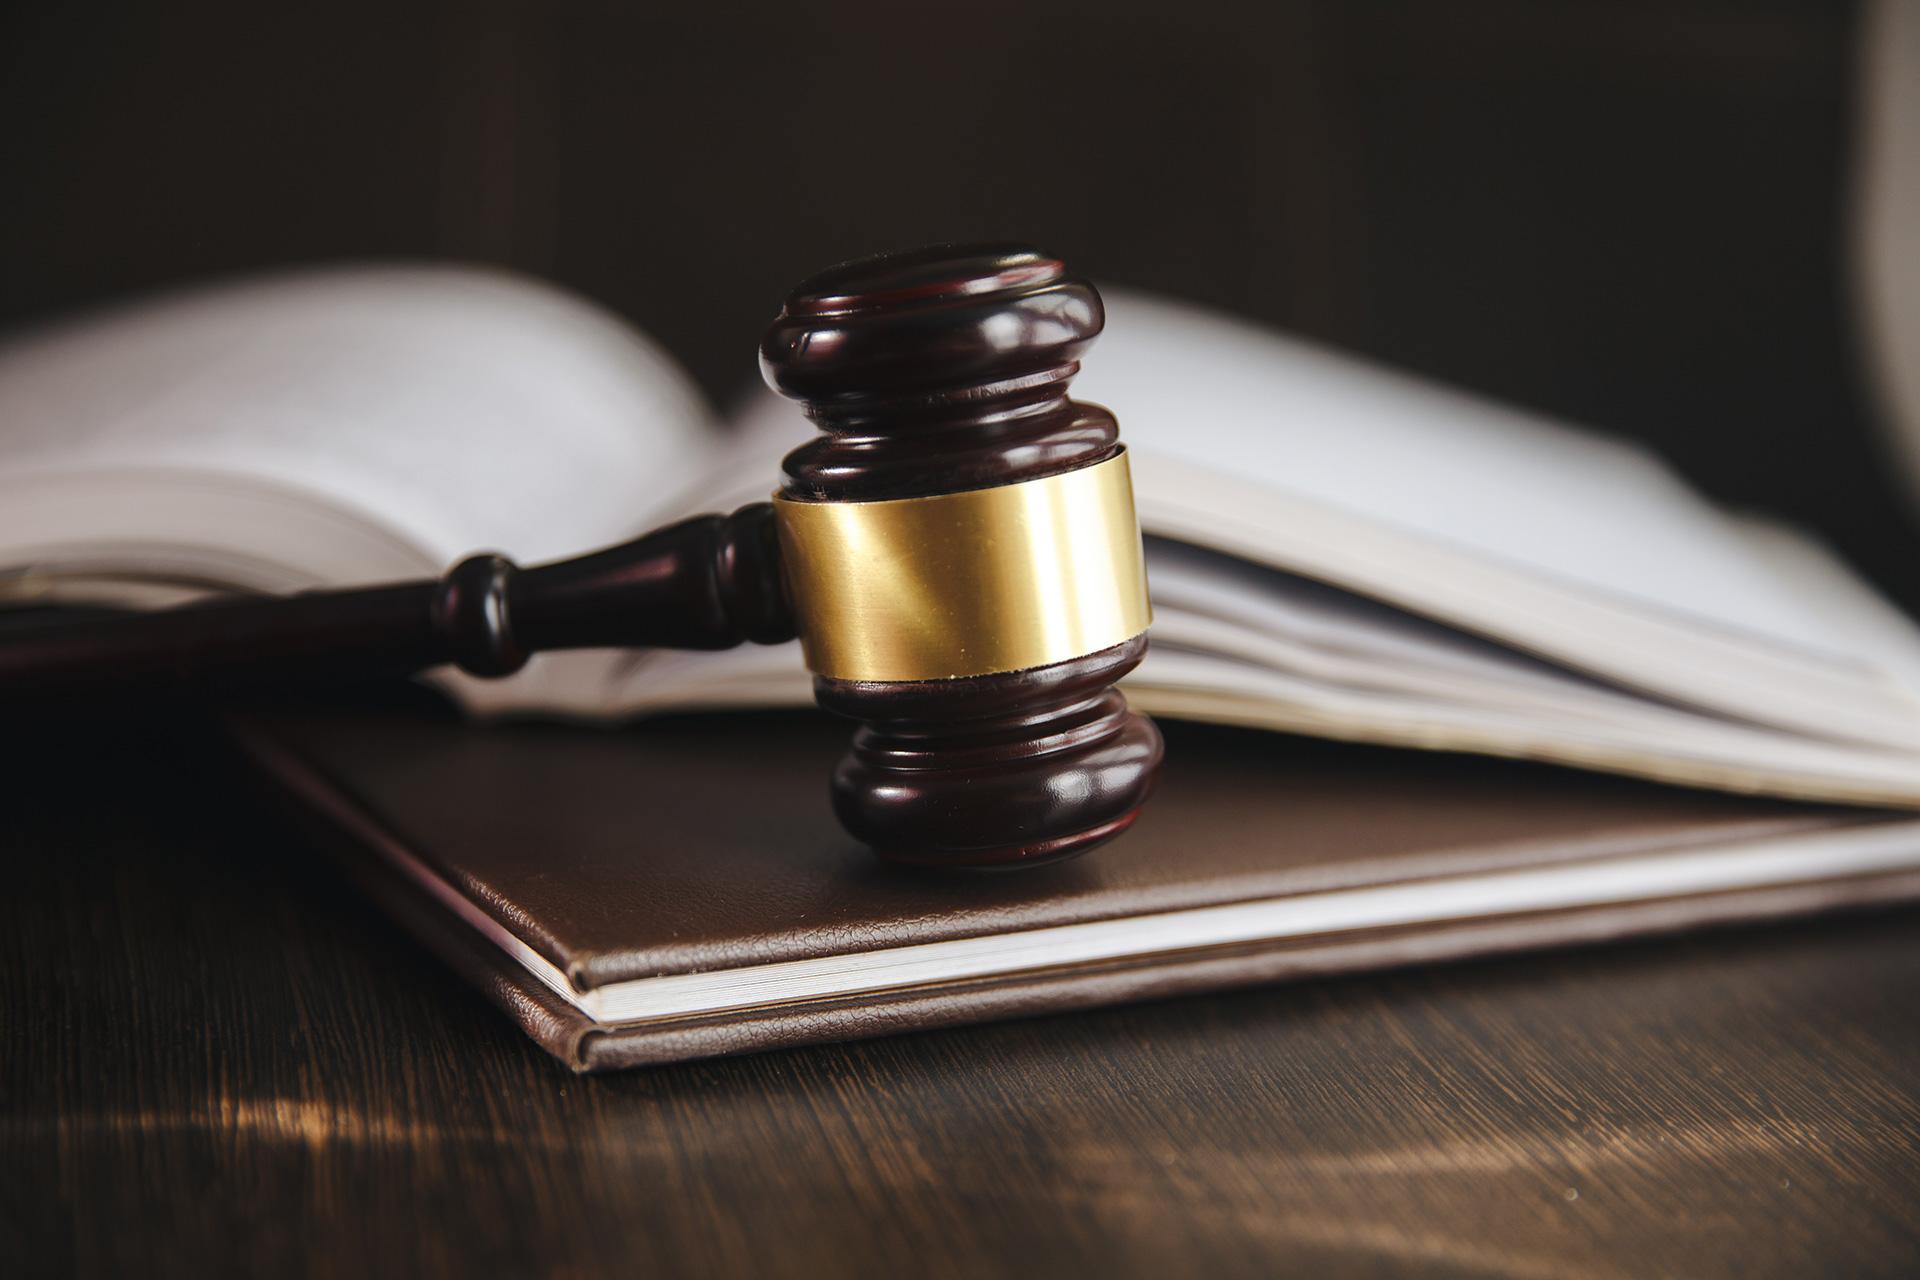 Hoe start ik een gerechtelijke procedure?